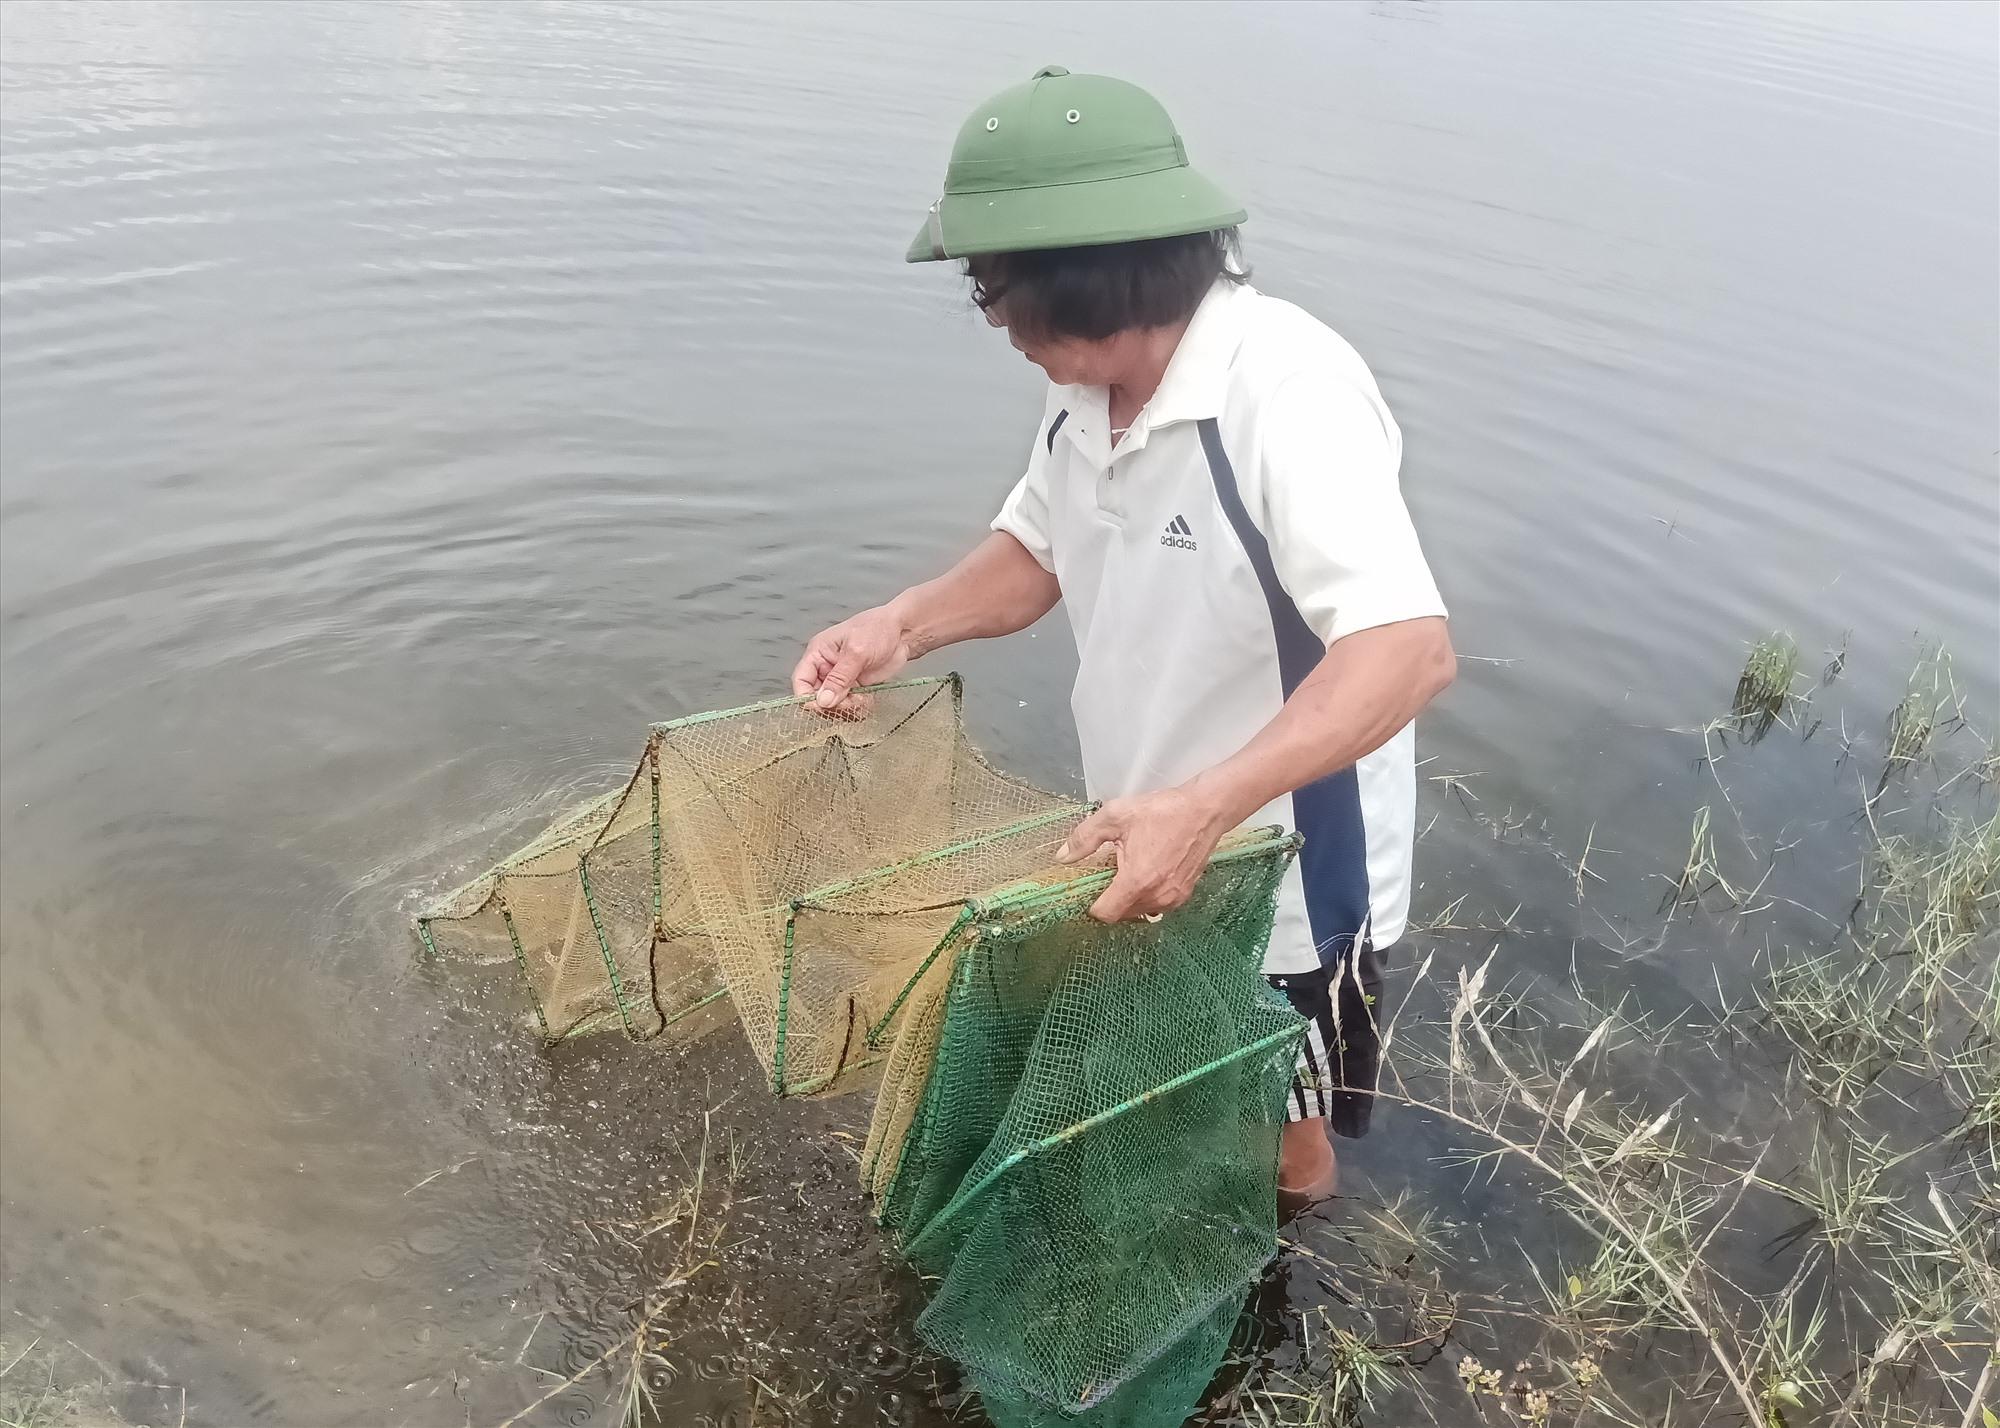 Mô hình nuôi tôm, cua quảng canh theo hướng sinh thái của ông Lê Minh Khuê, xã Tam Xuân 2. Ảnh: H.L